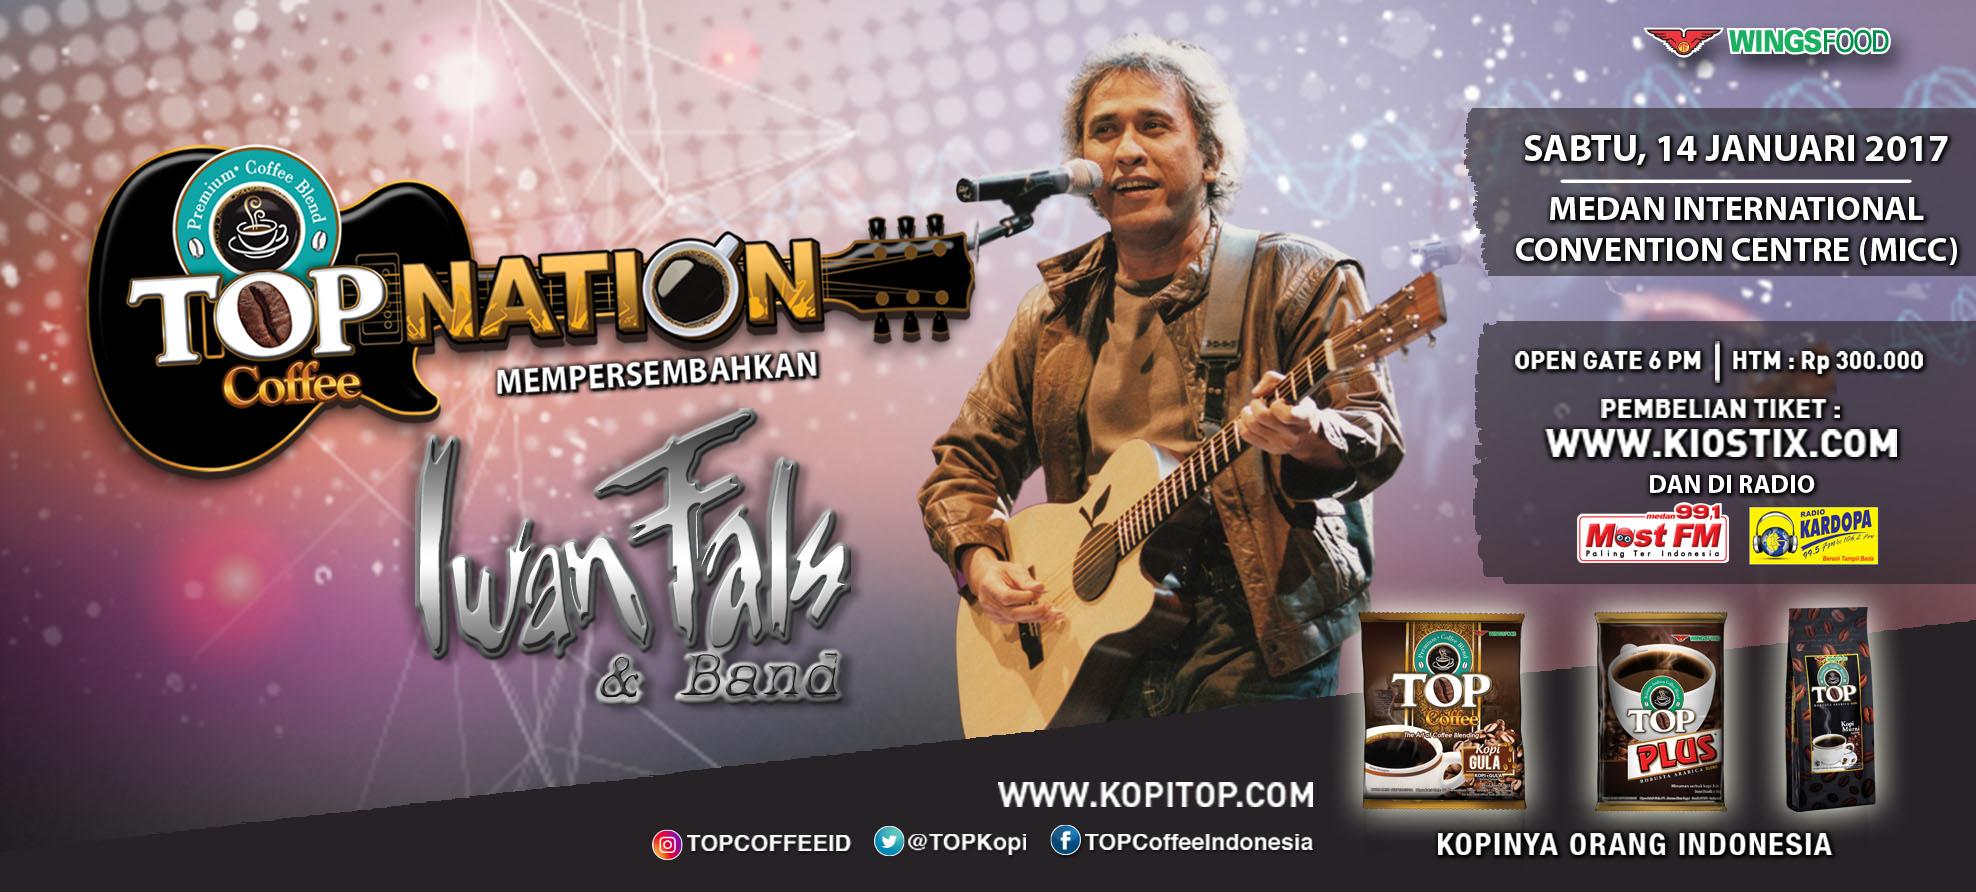 Top Nation Konser Iwan Fals  & Band di Medan